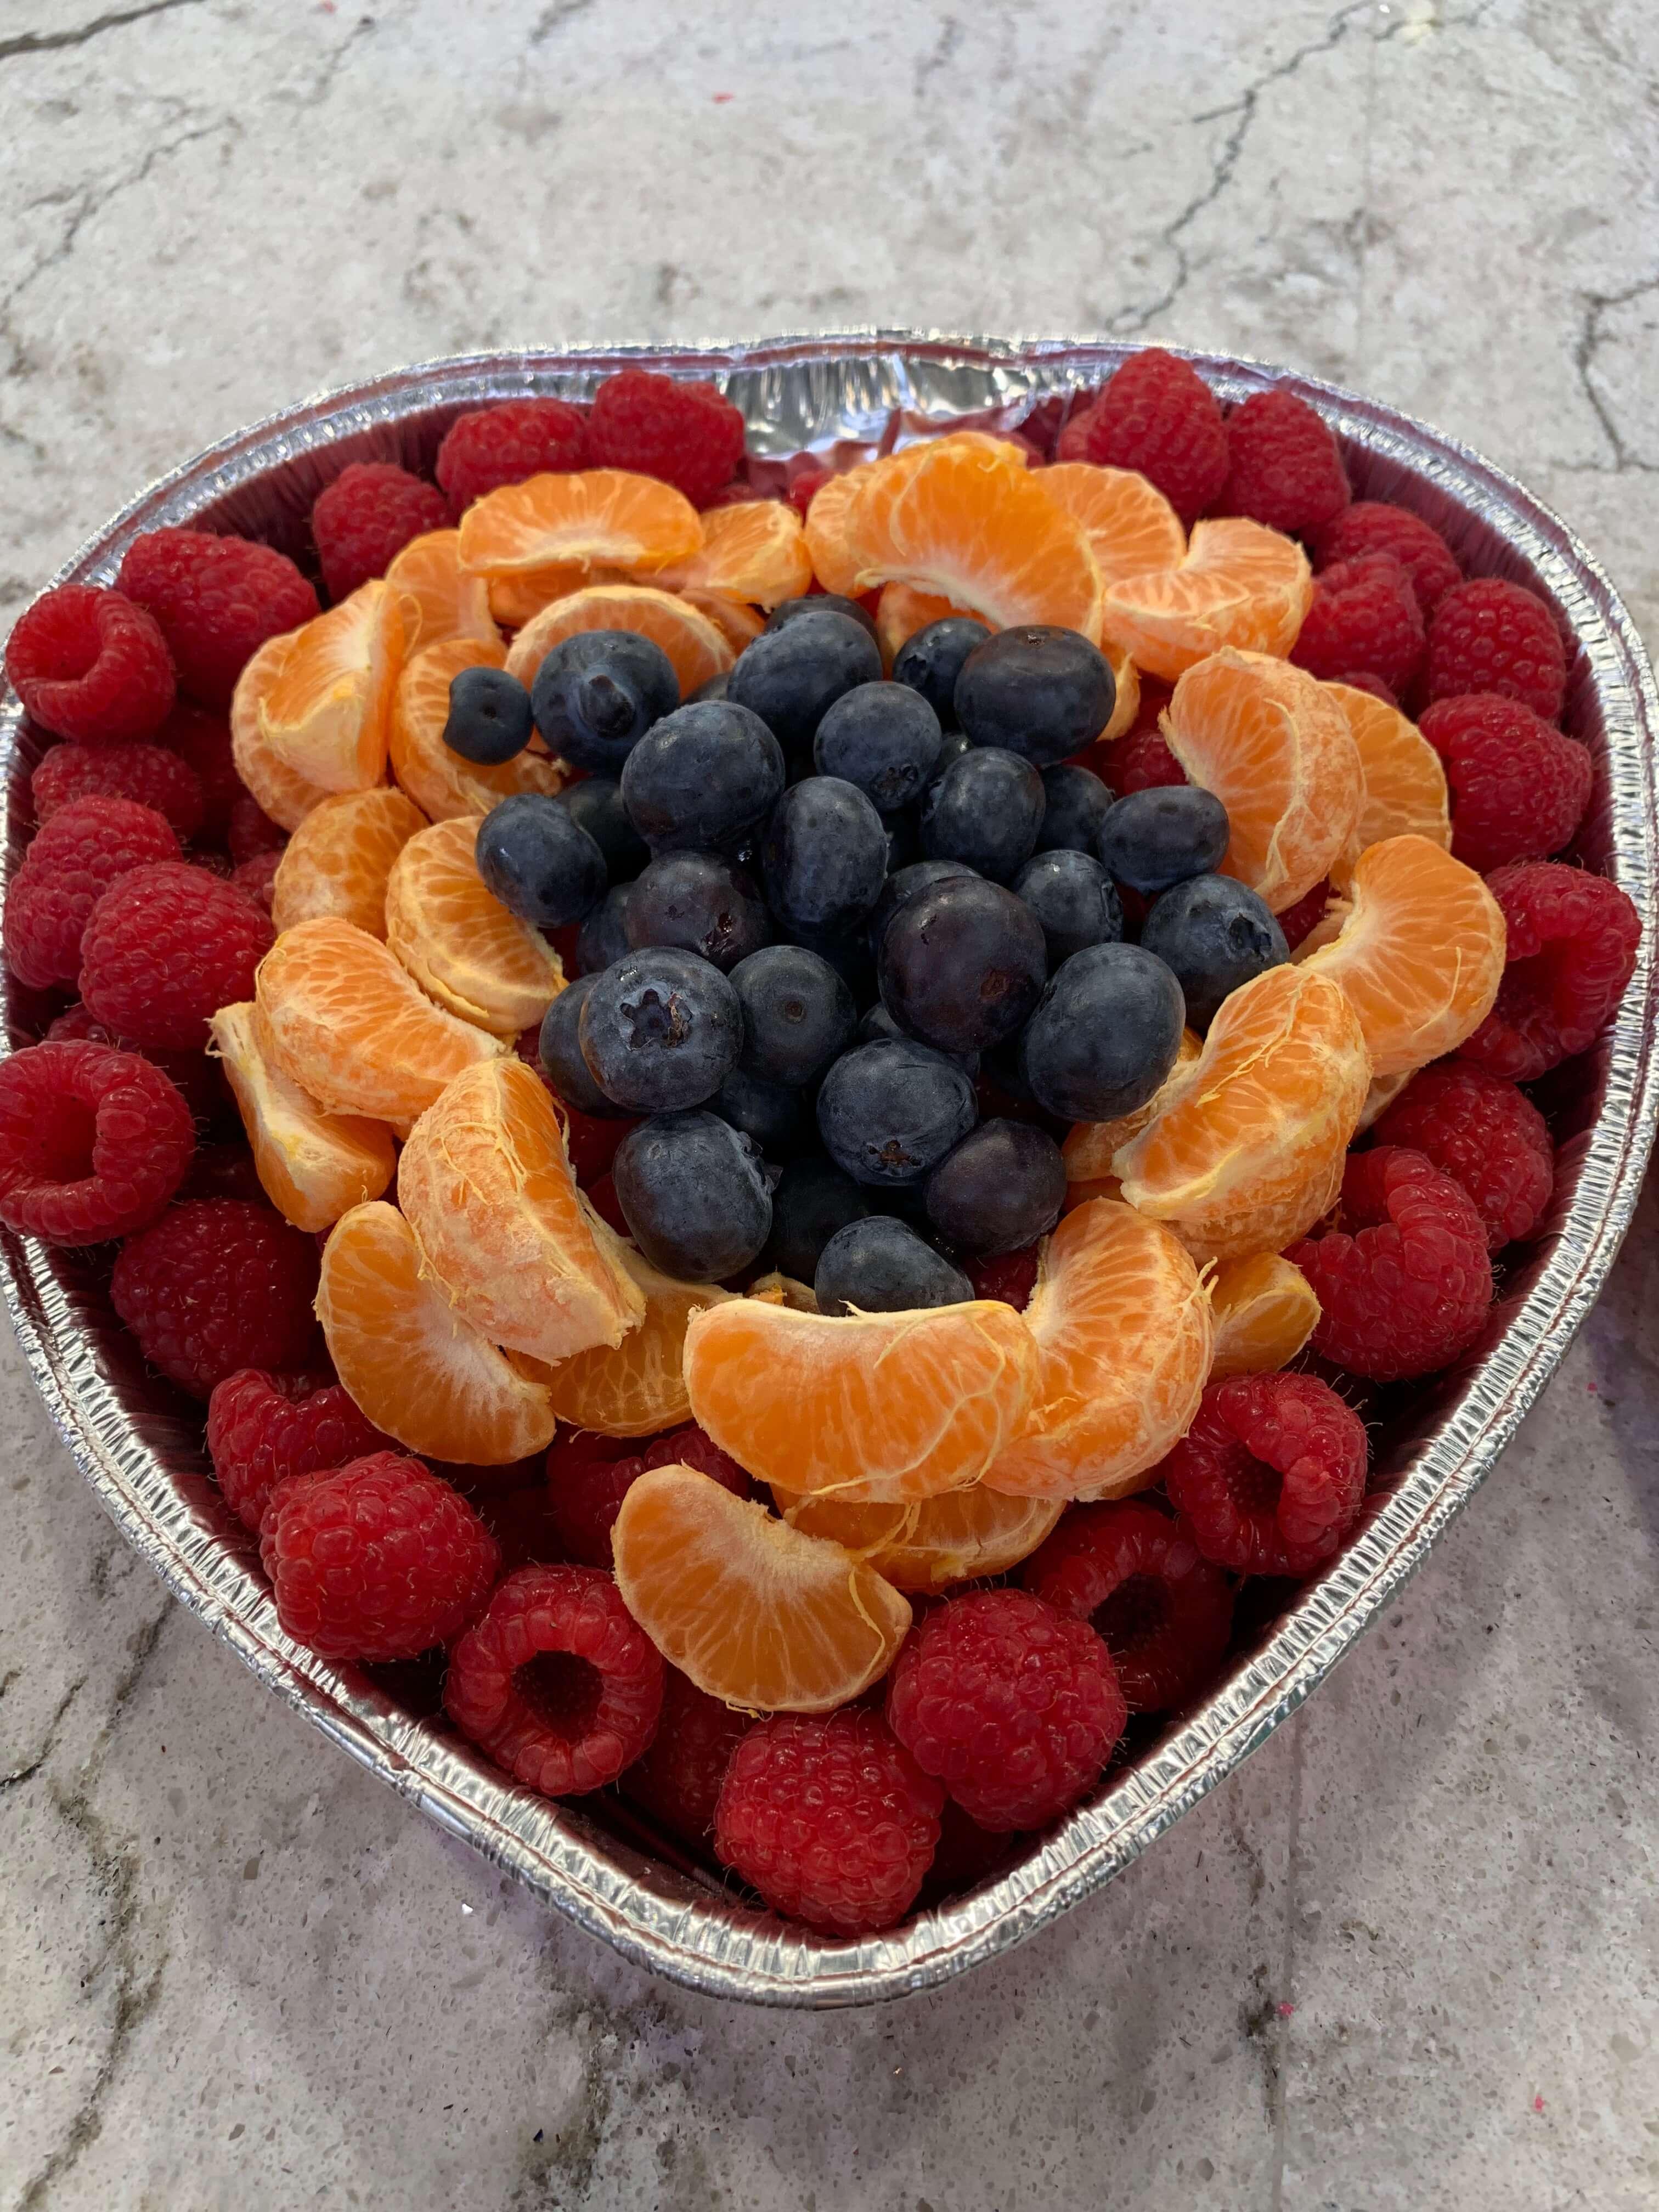 Heart-Shaped Fruit Tray